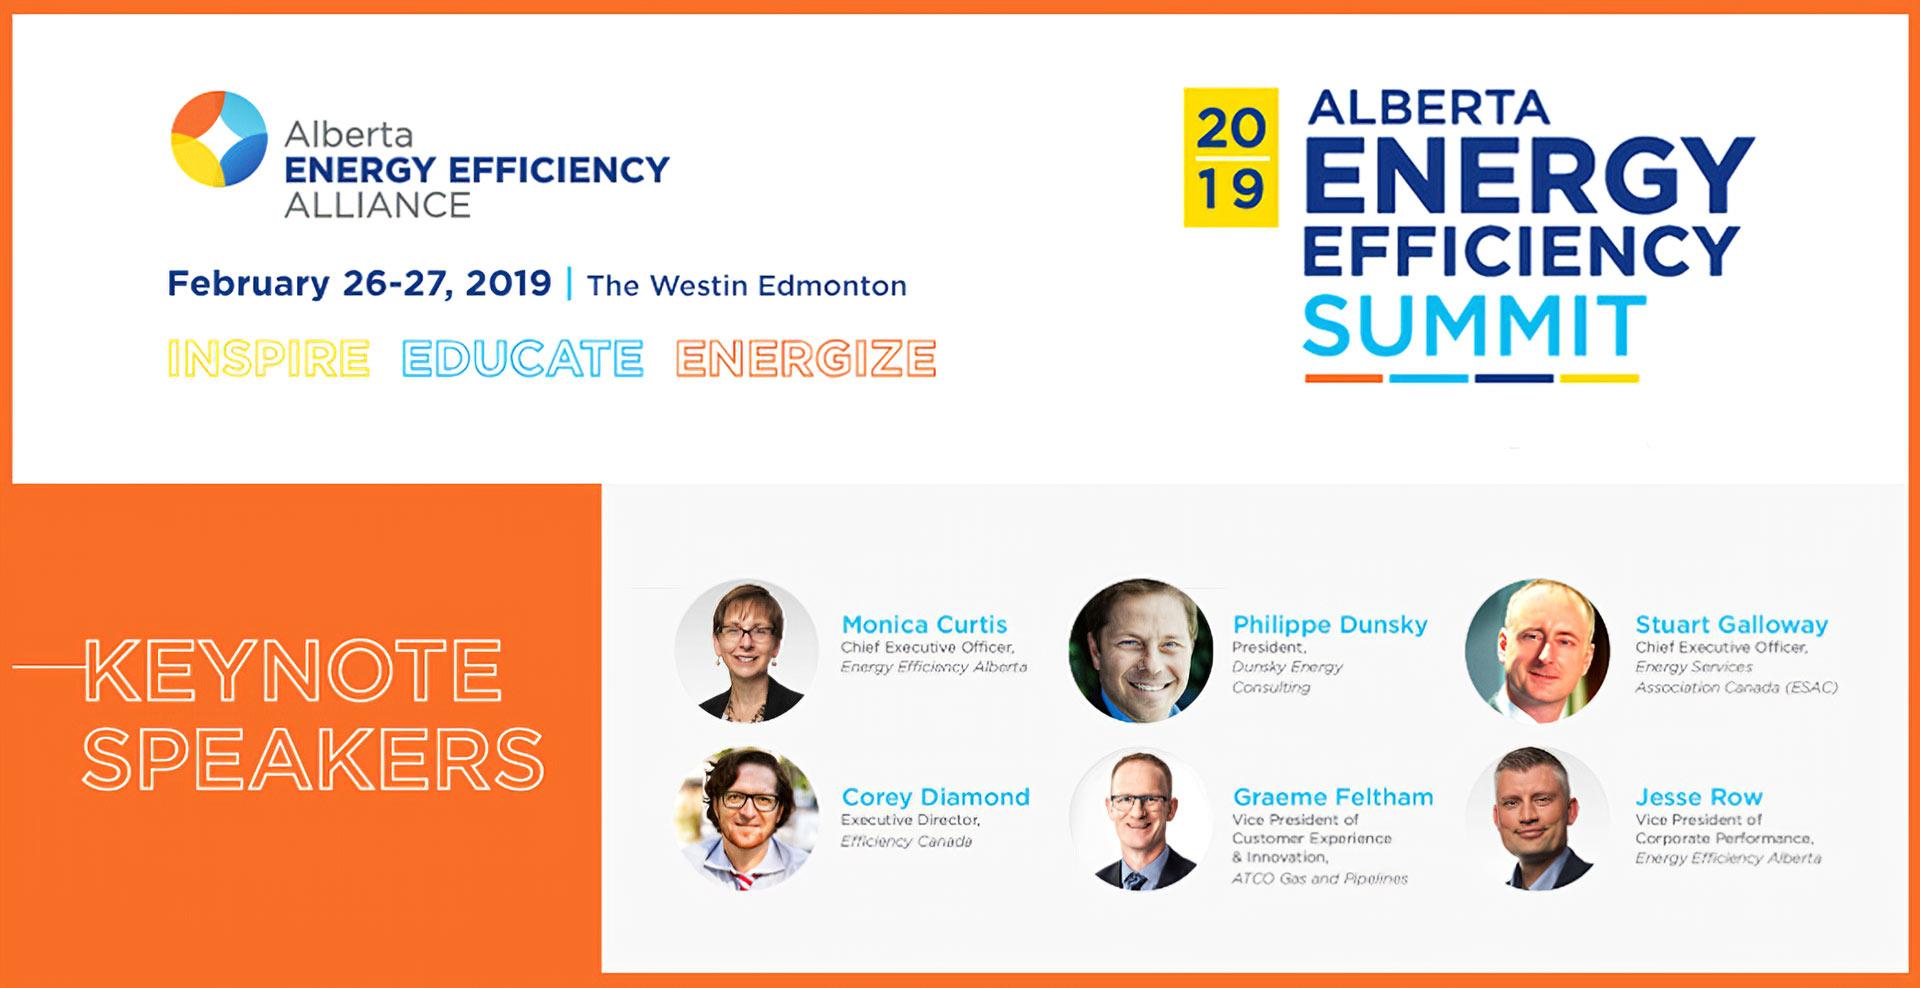 EnergyEfficiencySummit_banner.jpg